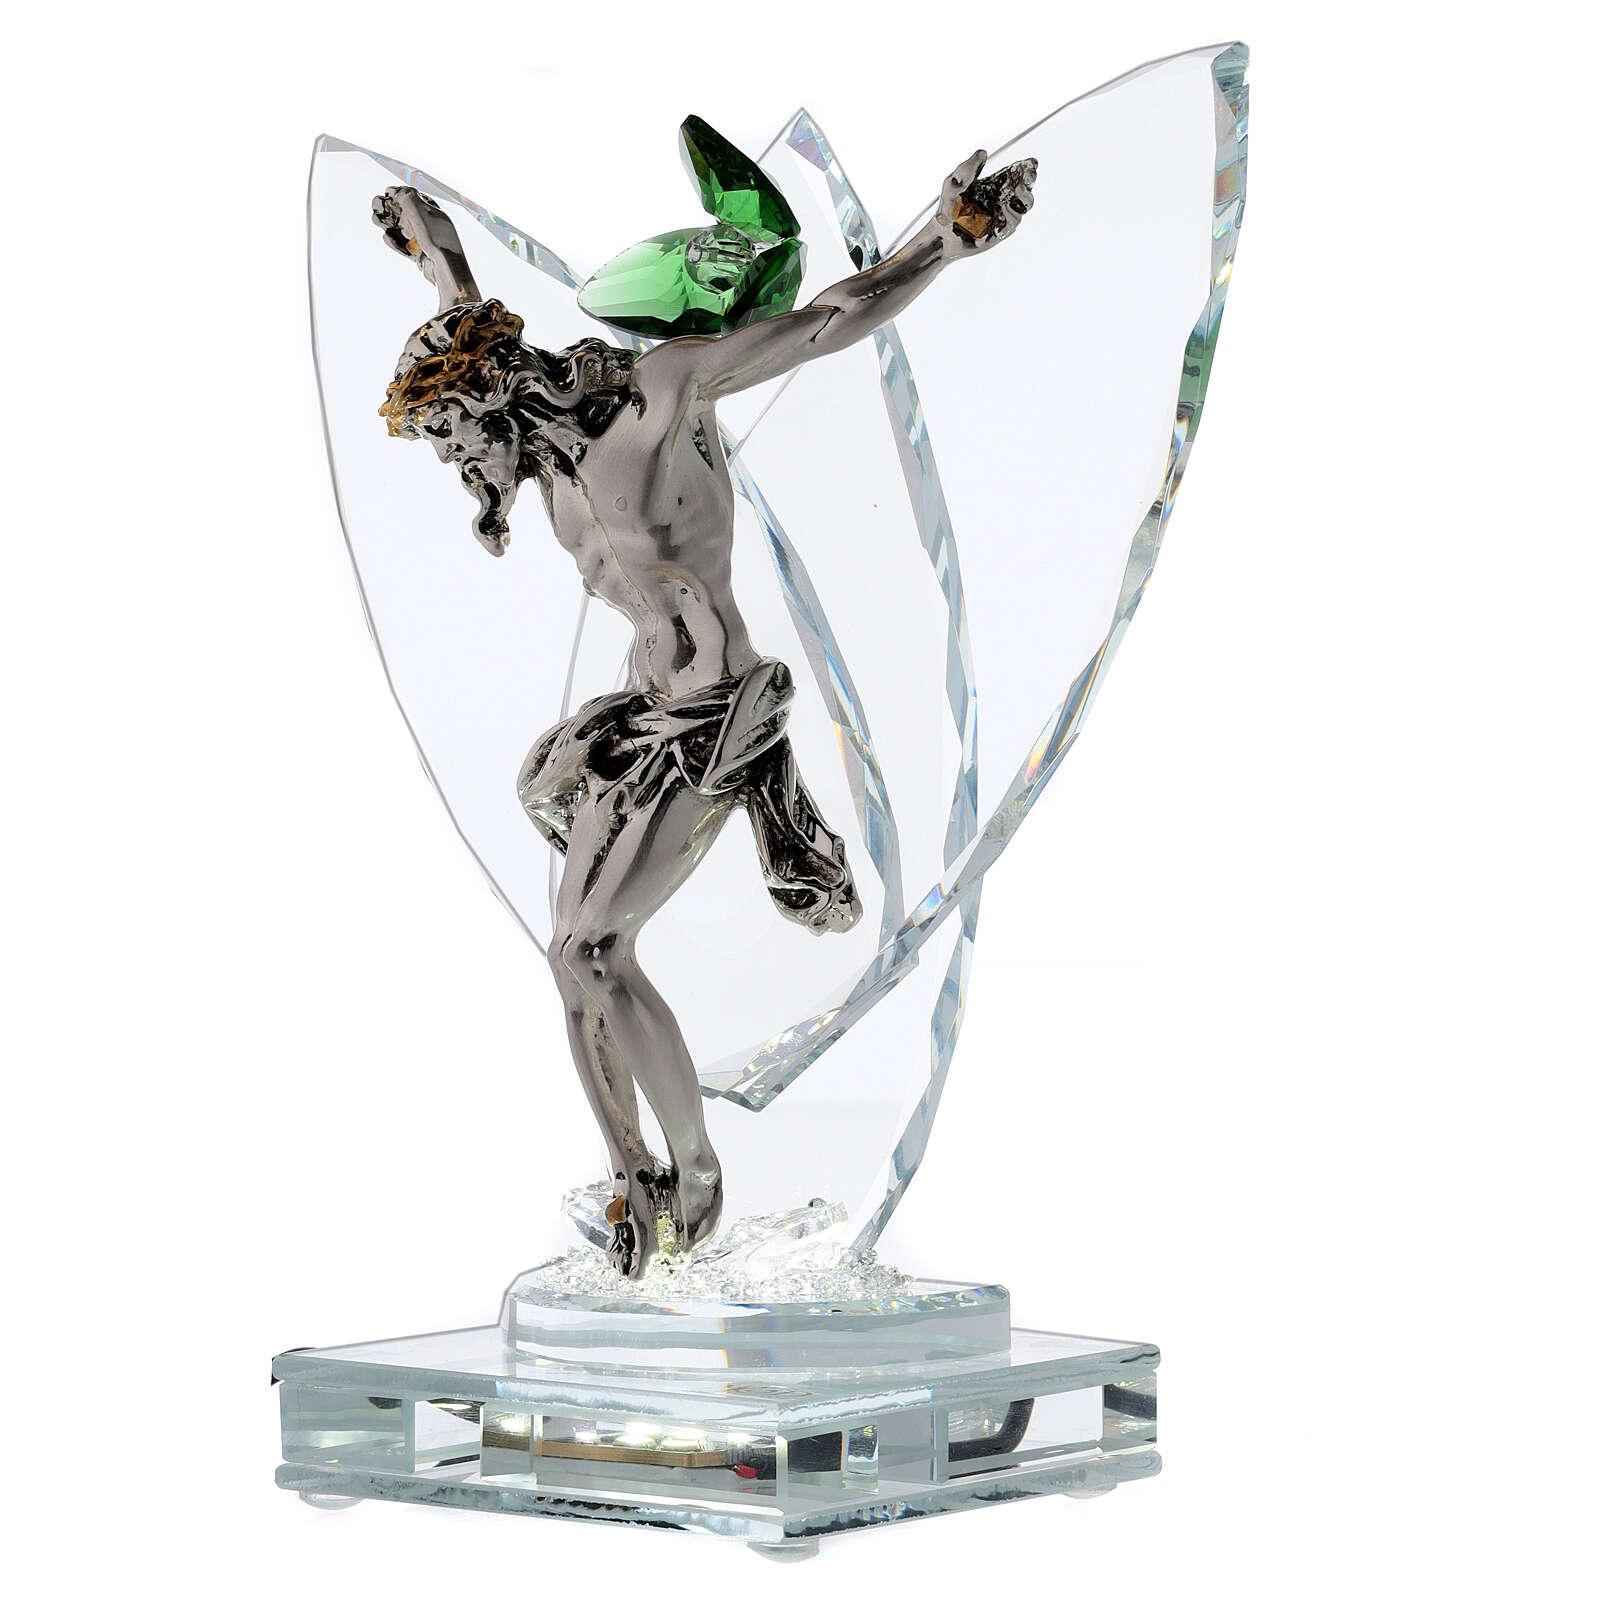 Lampada Crocefisso fiore cristallo verde 3